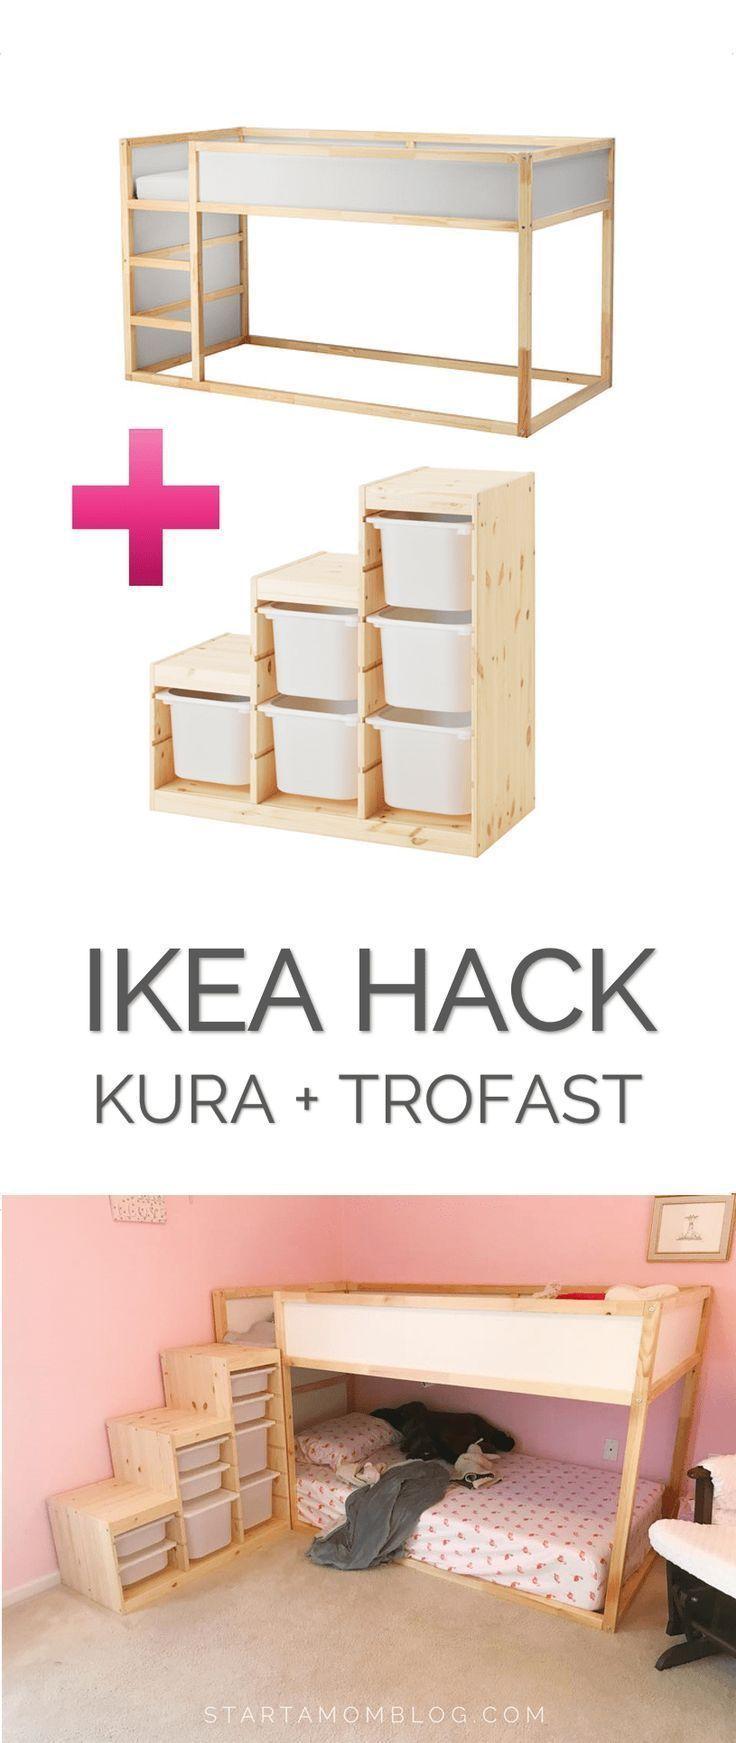 Ikea Hack für ein Kleinkind-Etagenbett – KURA plus TROFAST – super coole Idee